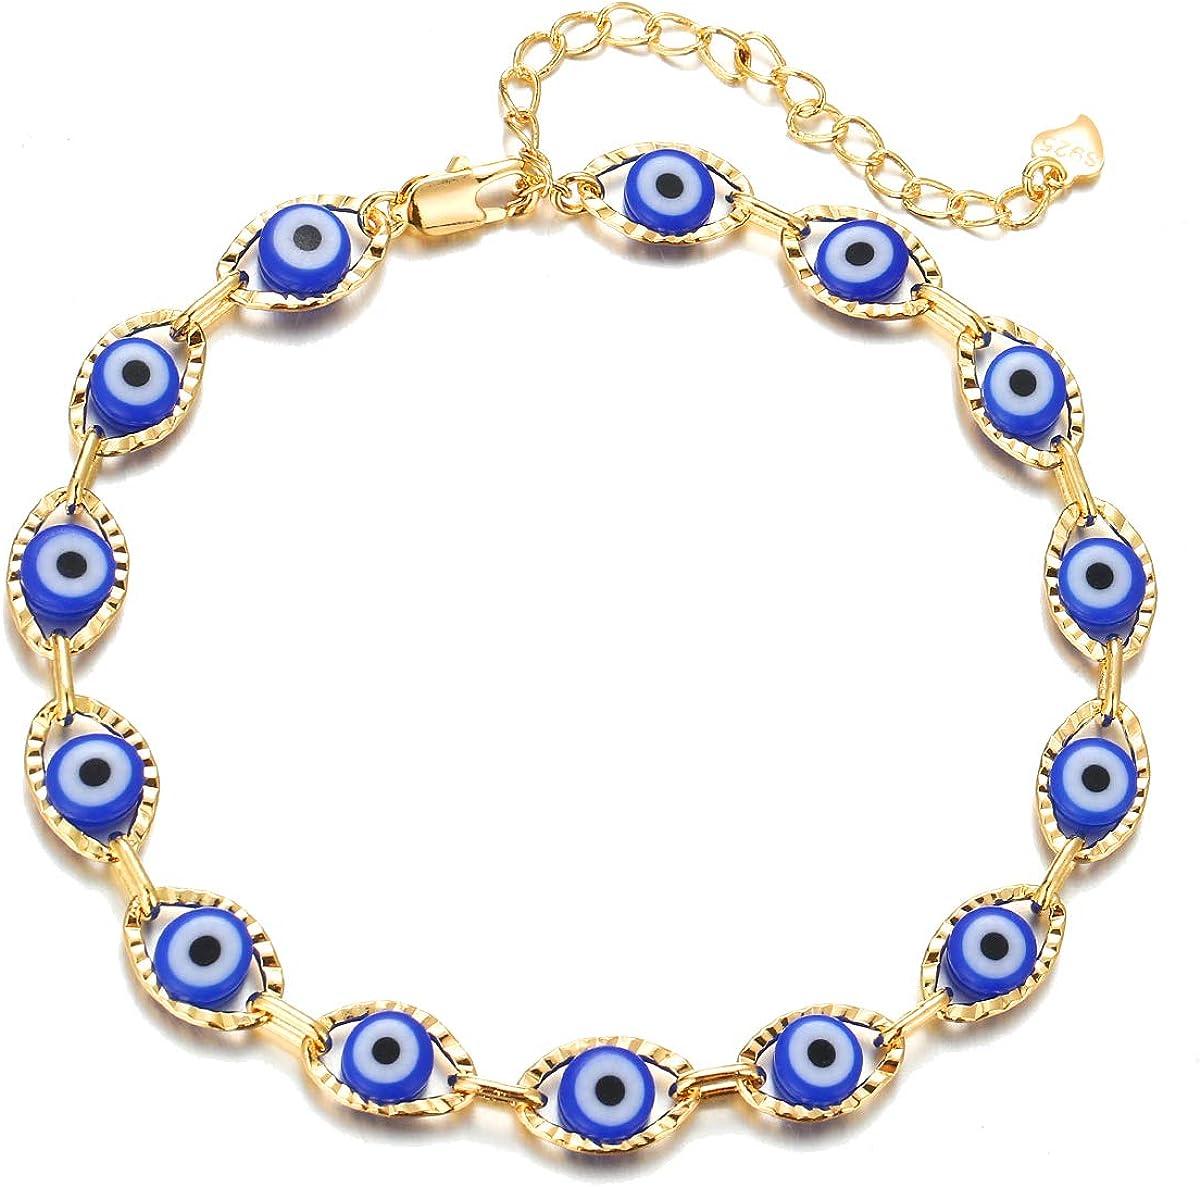 choice of all Dainty Evil Eye Bracelets for Women,14K Gold Evil